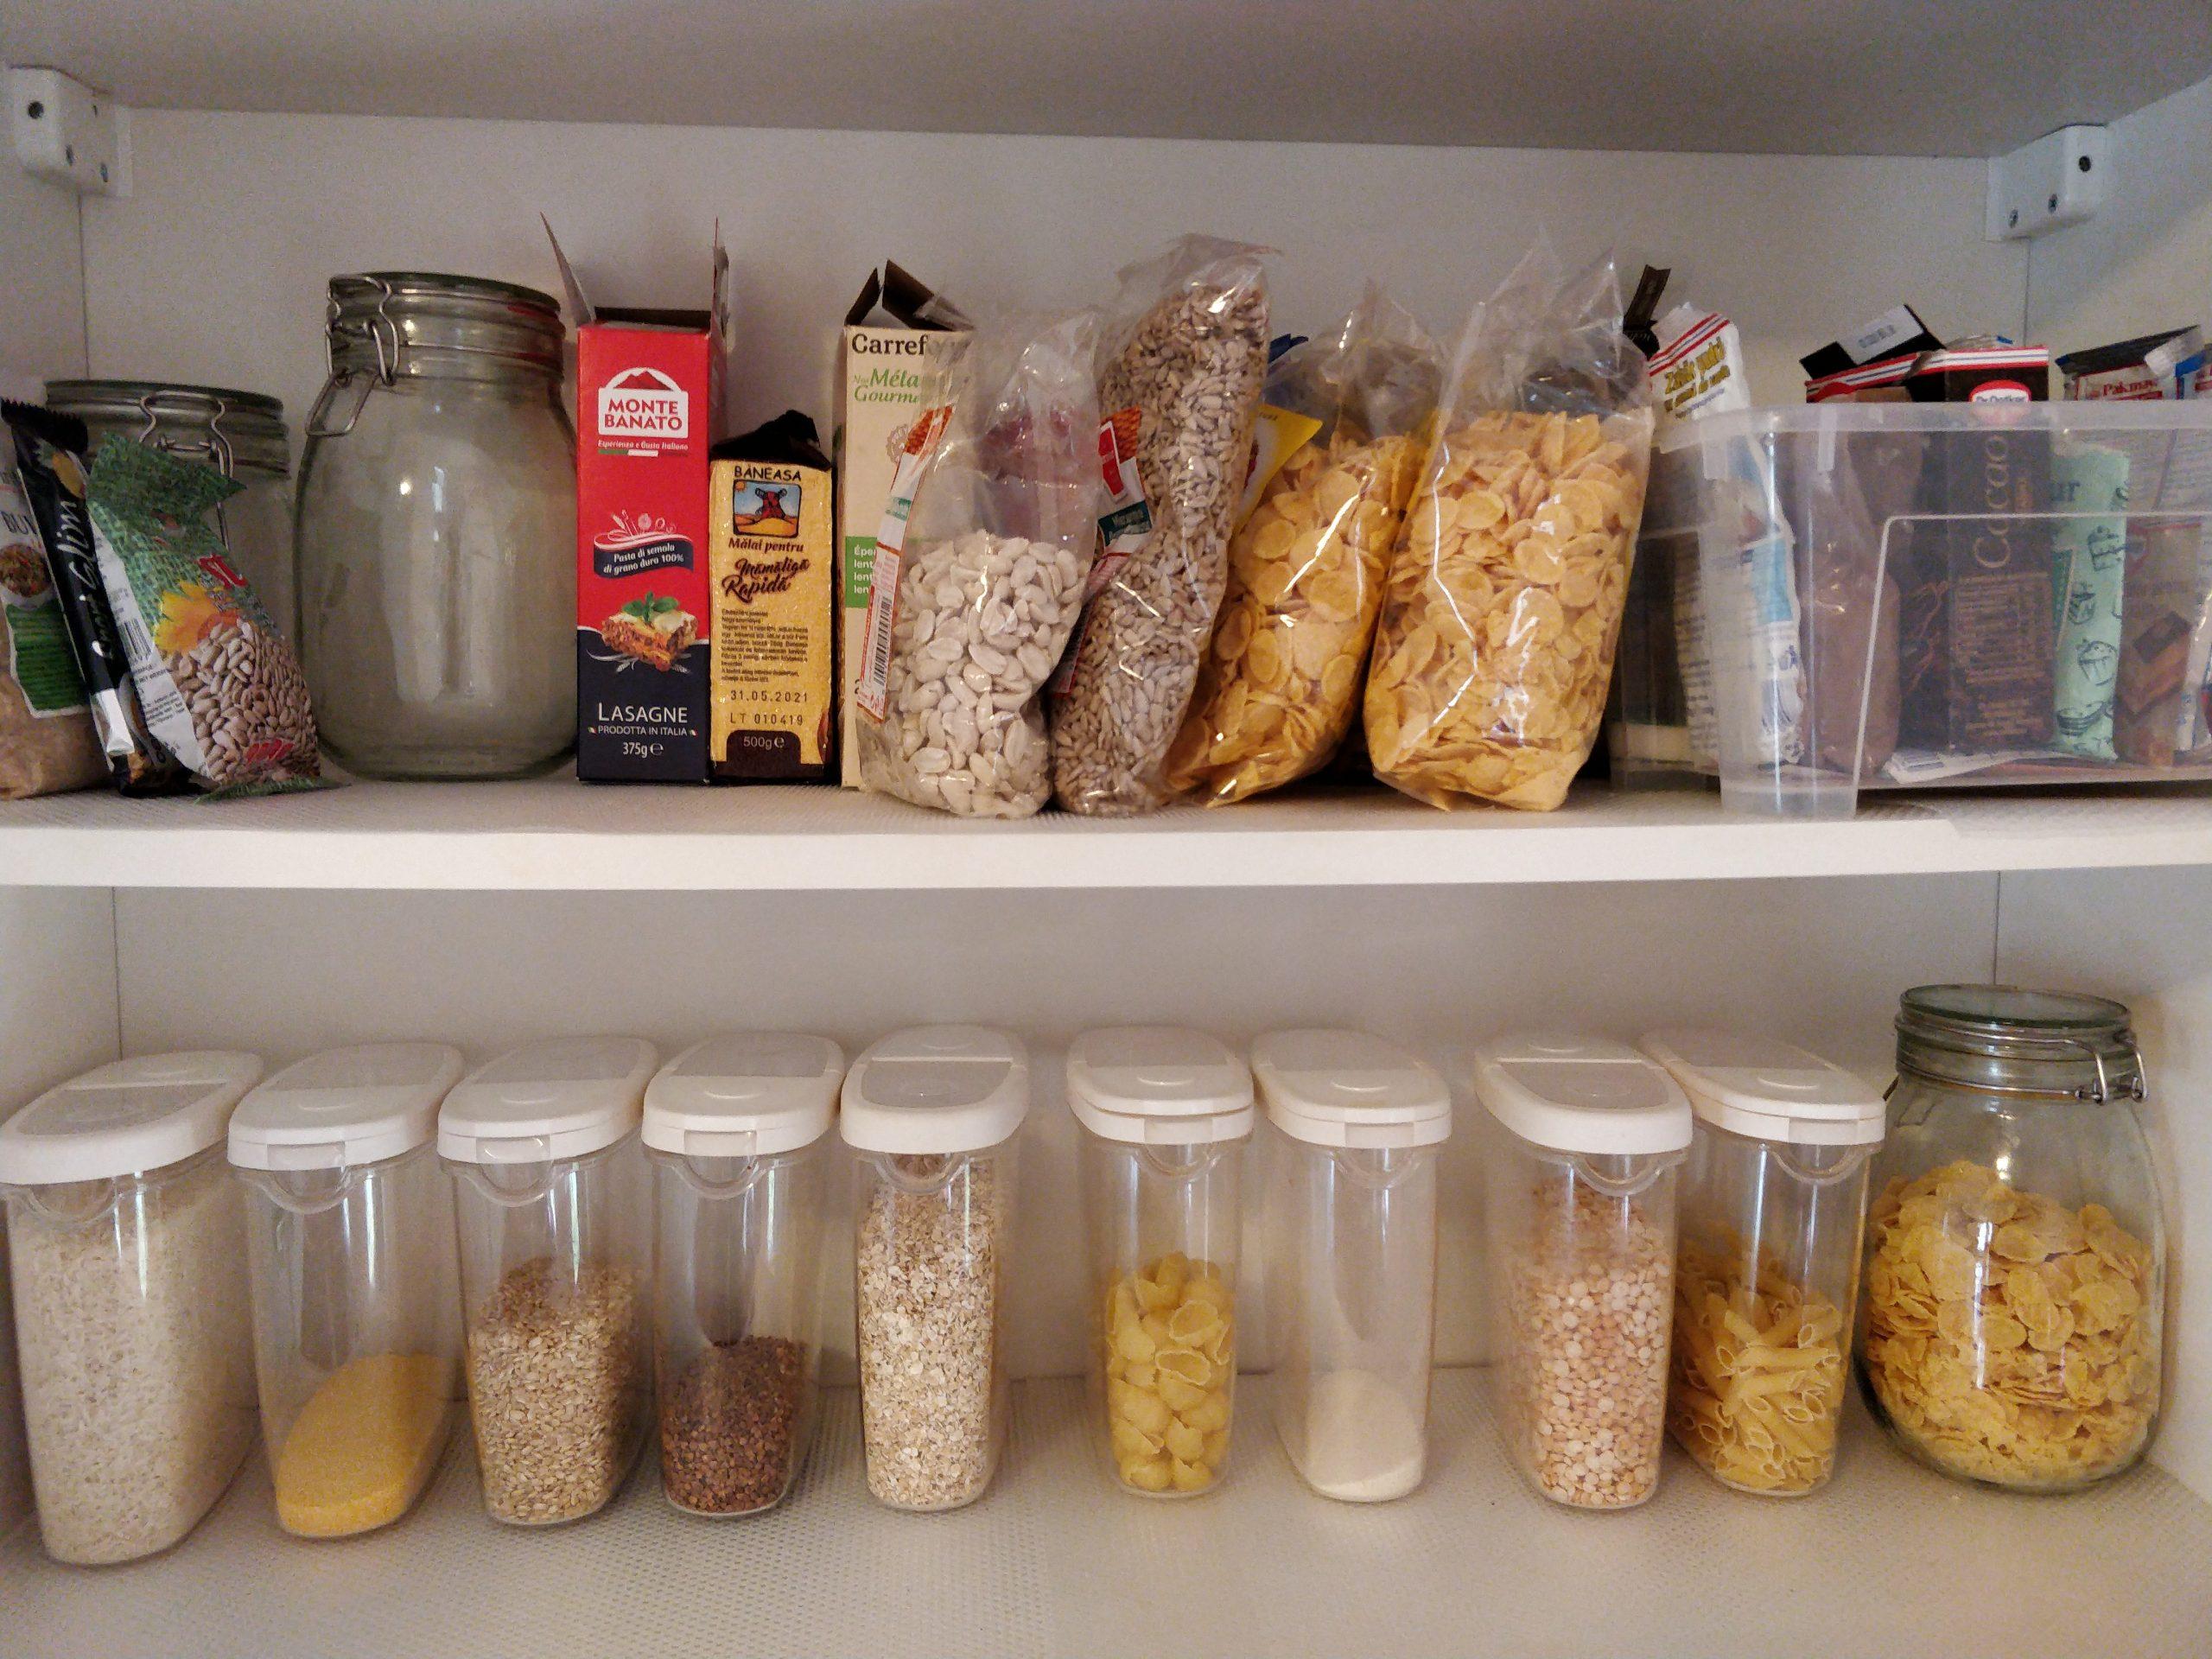 Magia-Ordinii-6-Cum-să-debarasezi-bucătăria-și-să-menții-ordinea-fără-efort_ingrediente-pe-raft